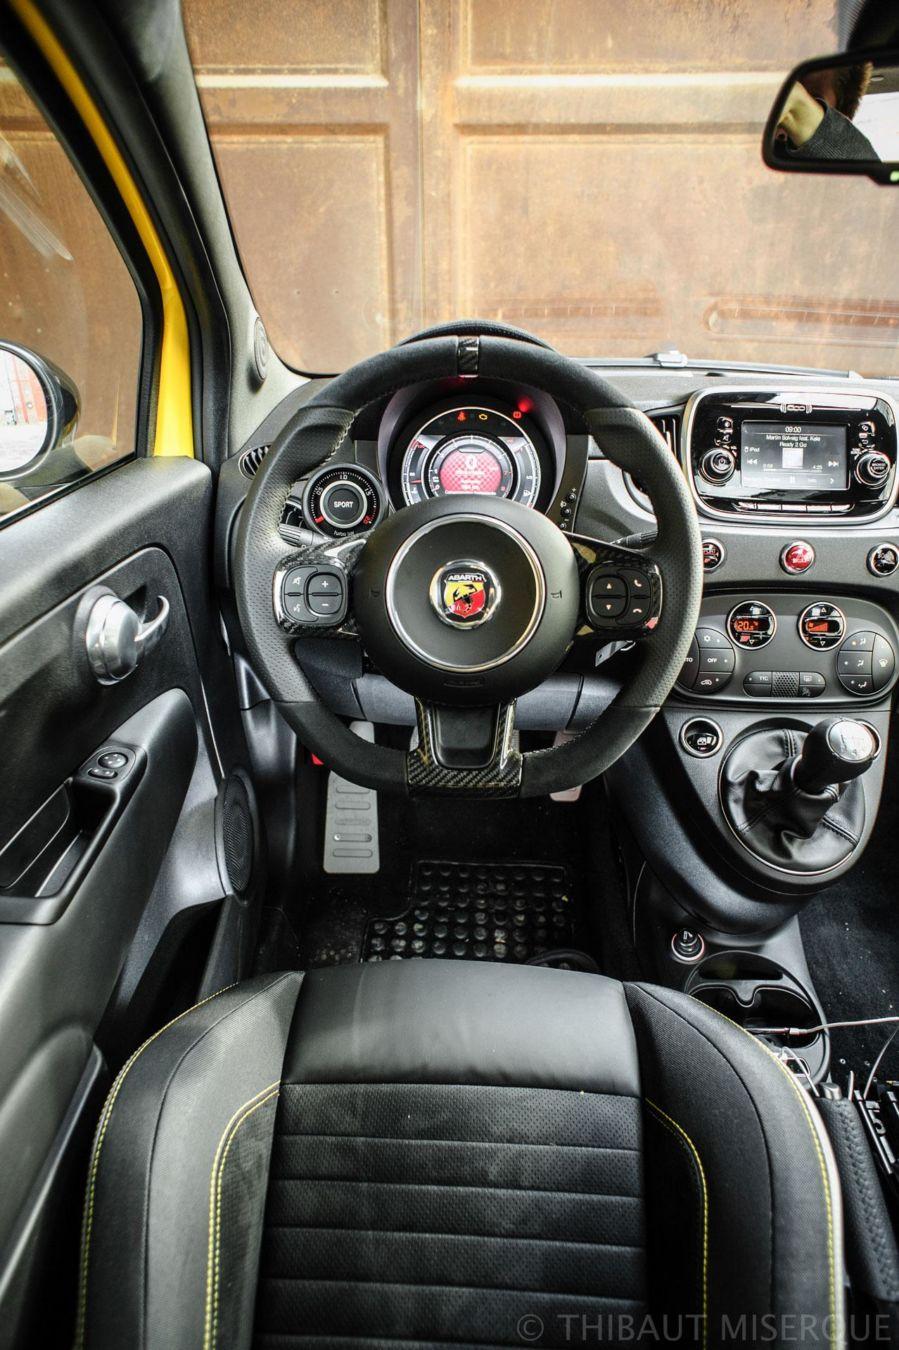 Abarth 595 Competizione 2016 driver's view